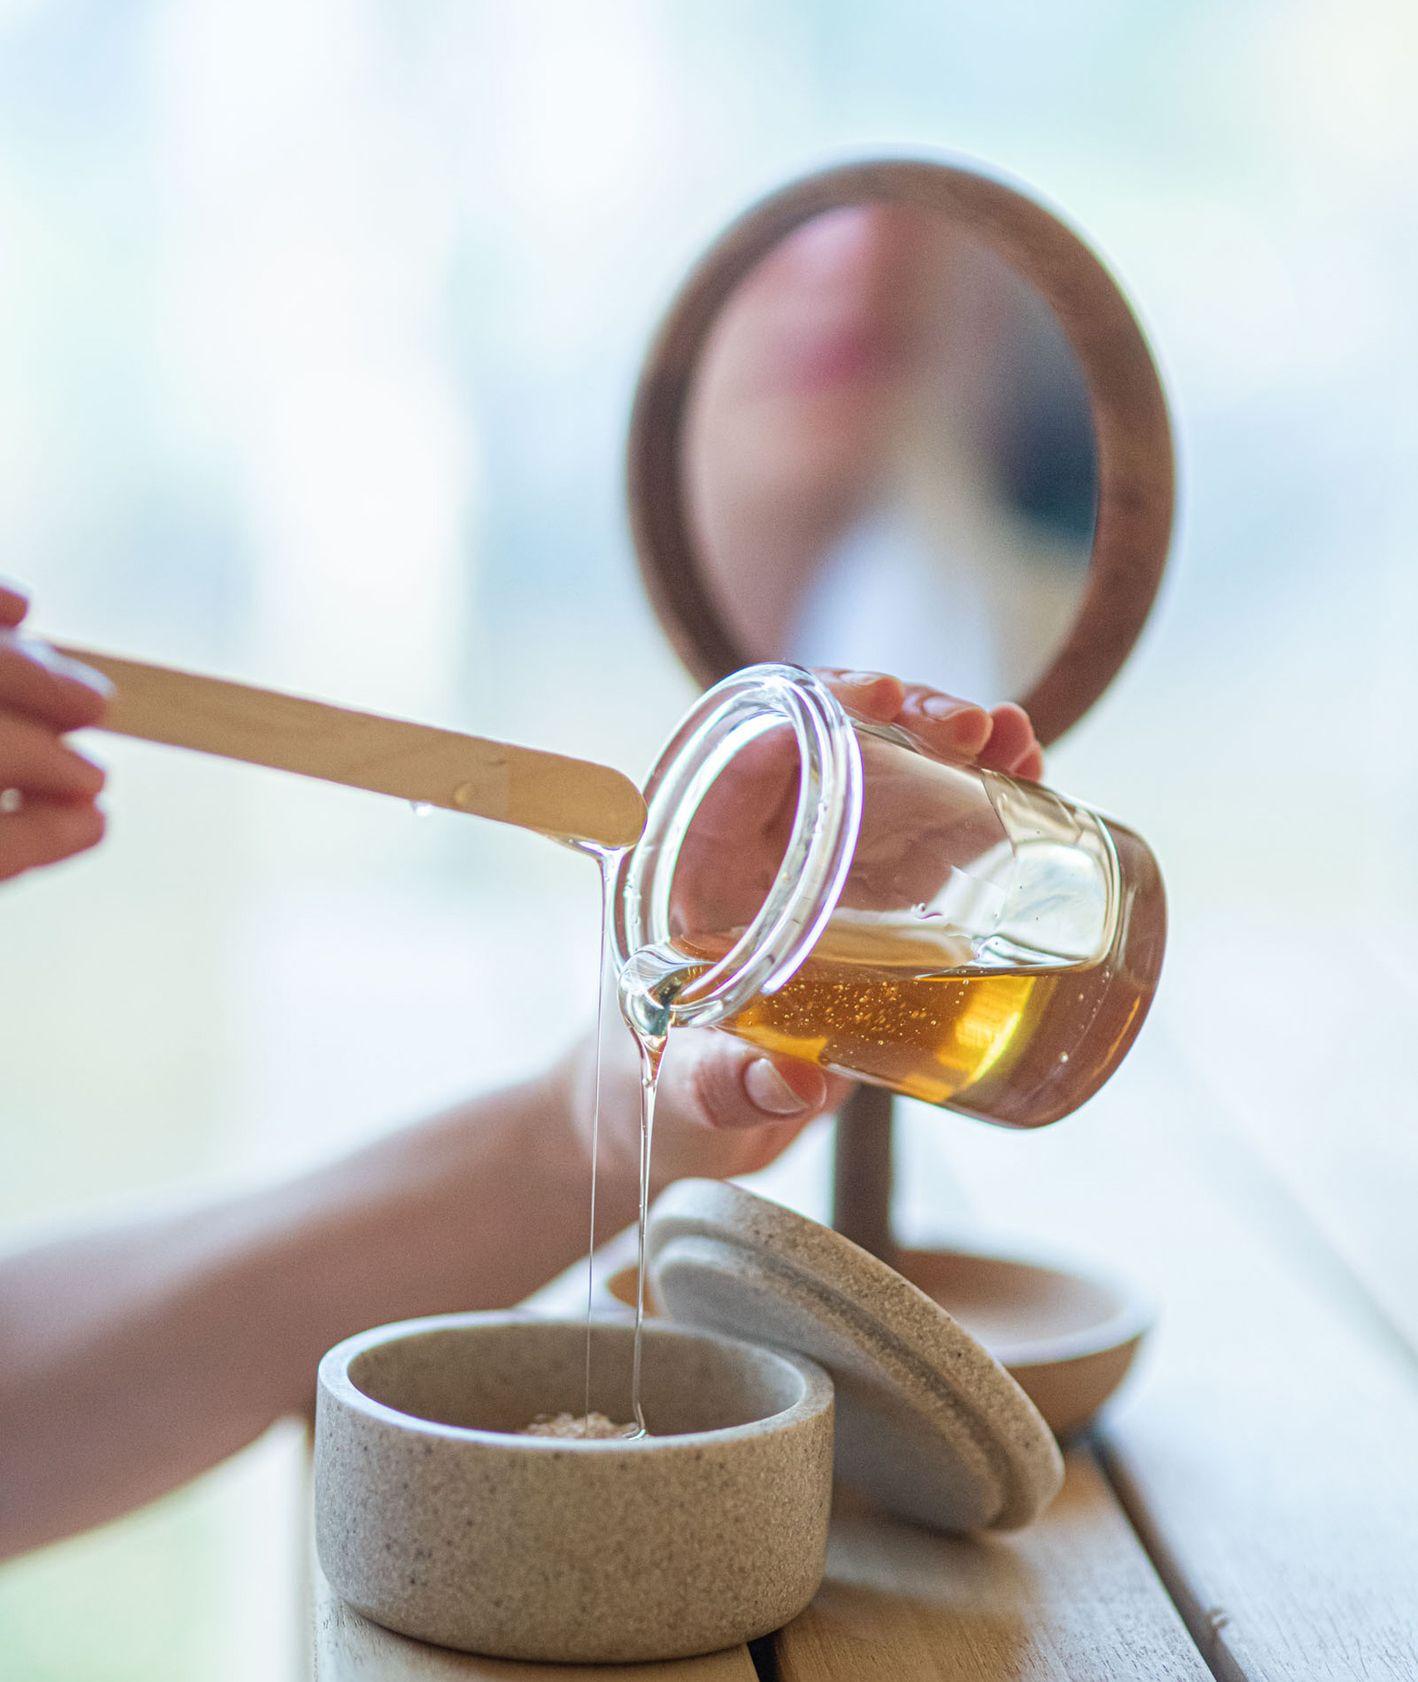 Jak zrobić domowe kosmetyki. Domowe kosmetyki DIY (fot. Rafał Meszka)